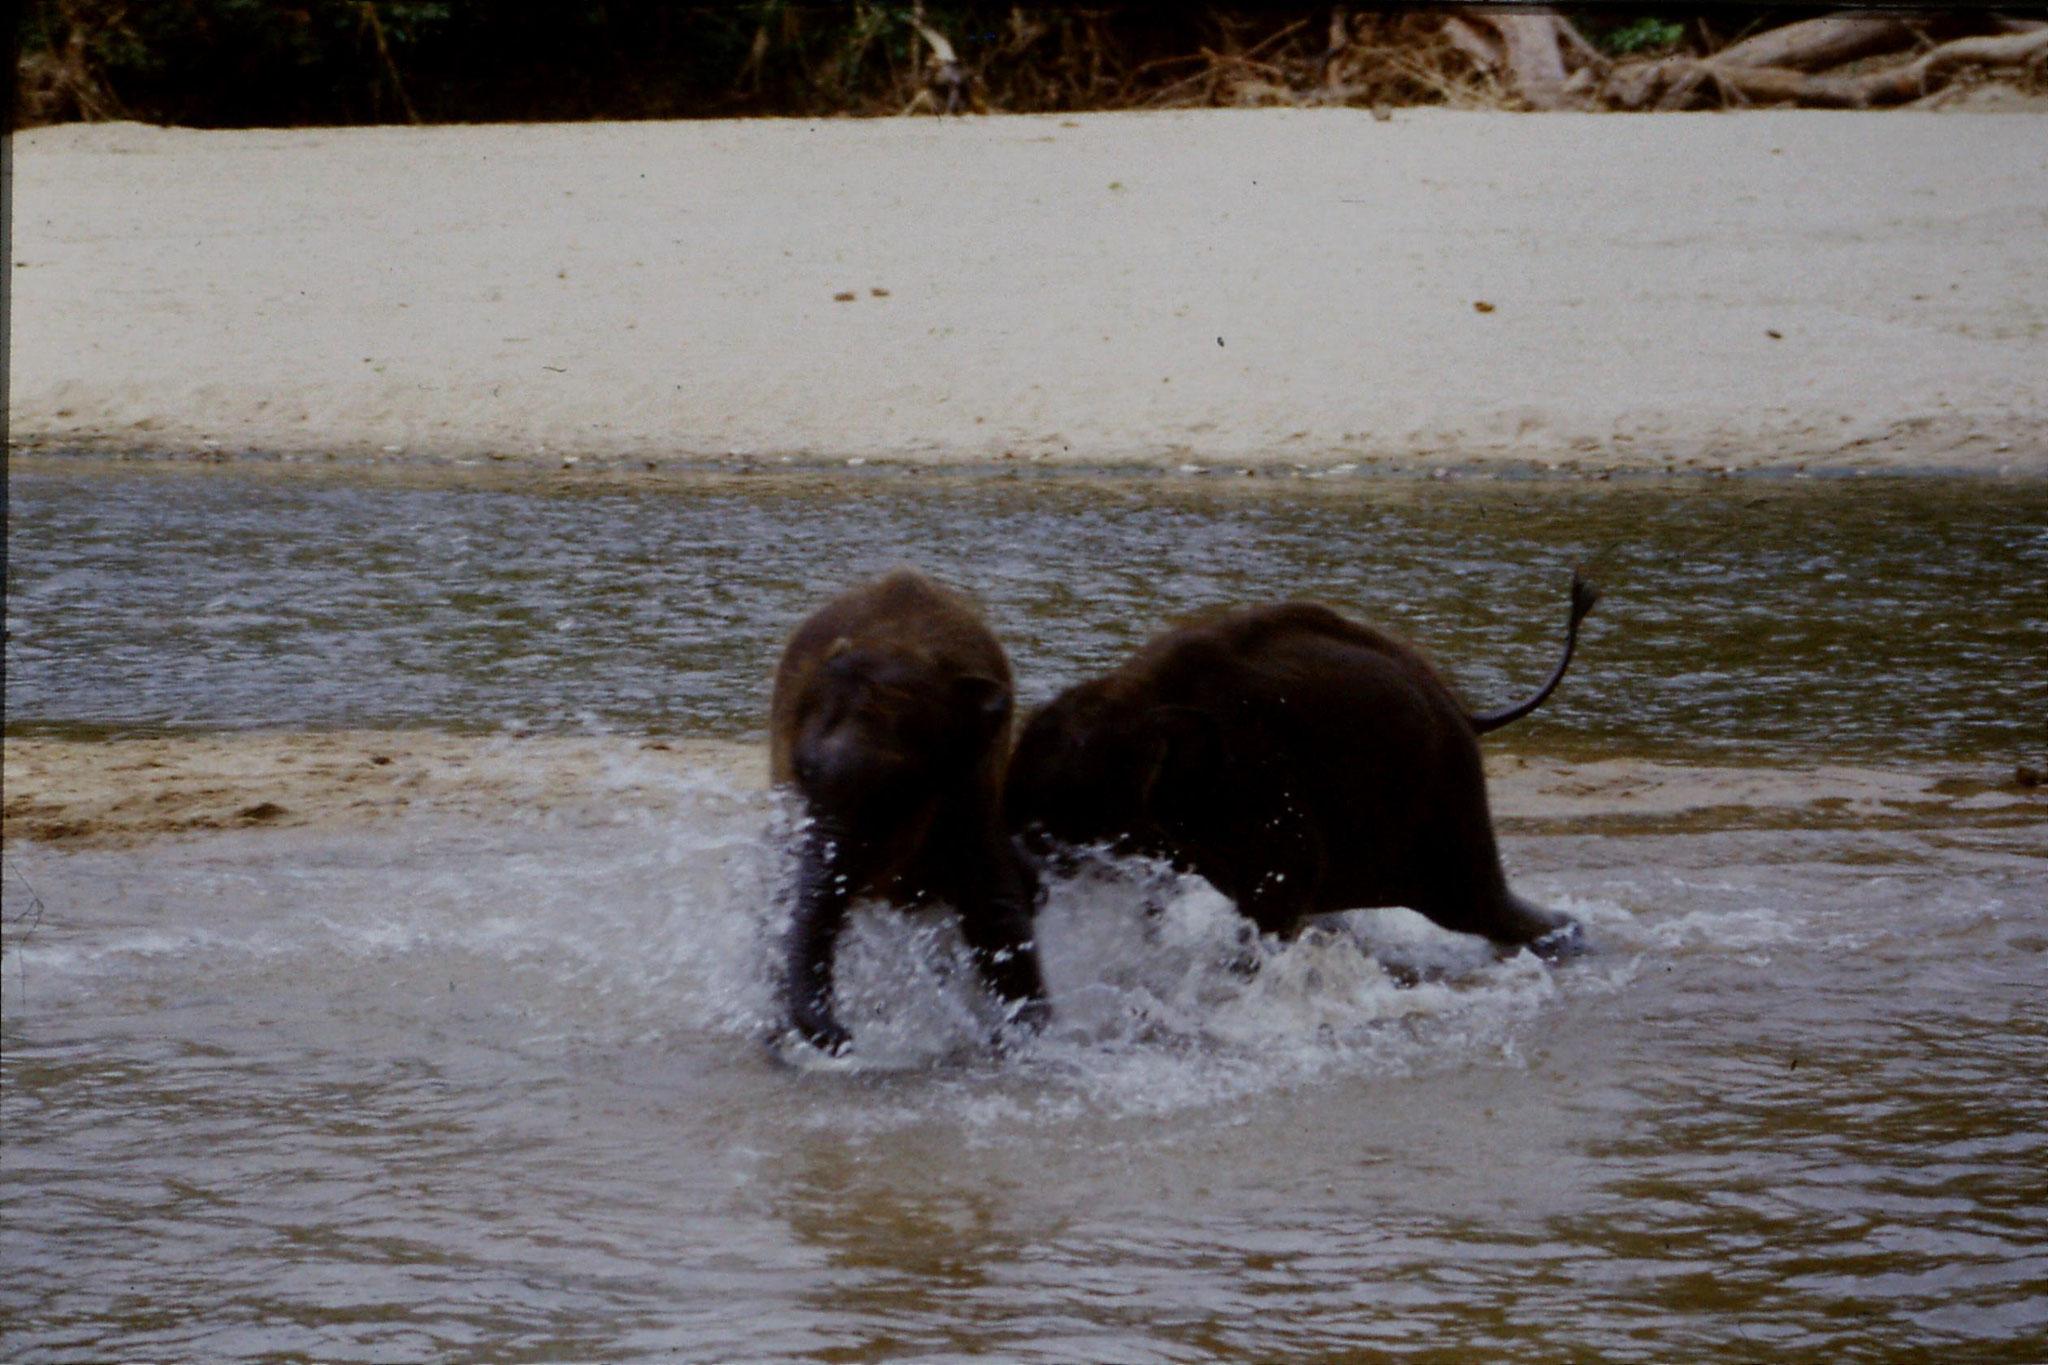 103/15: 10/2/1990 Kegalla elephany orphanage